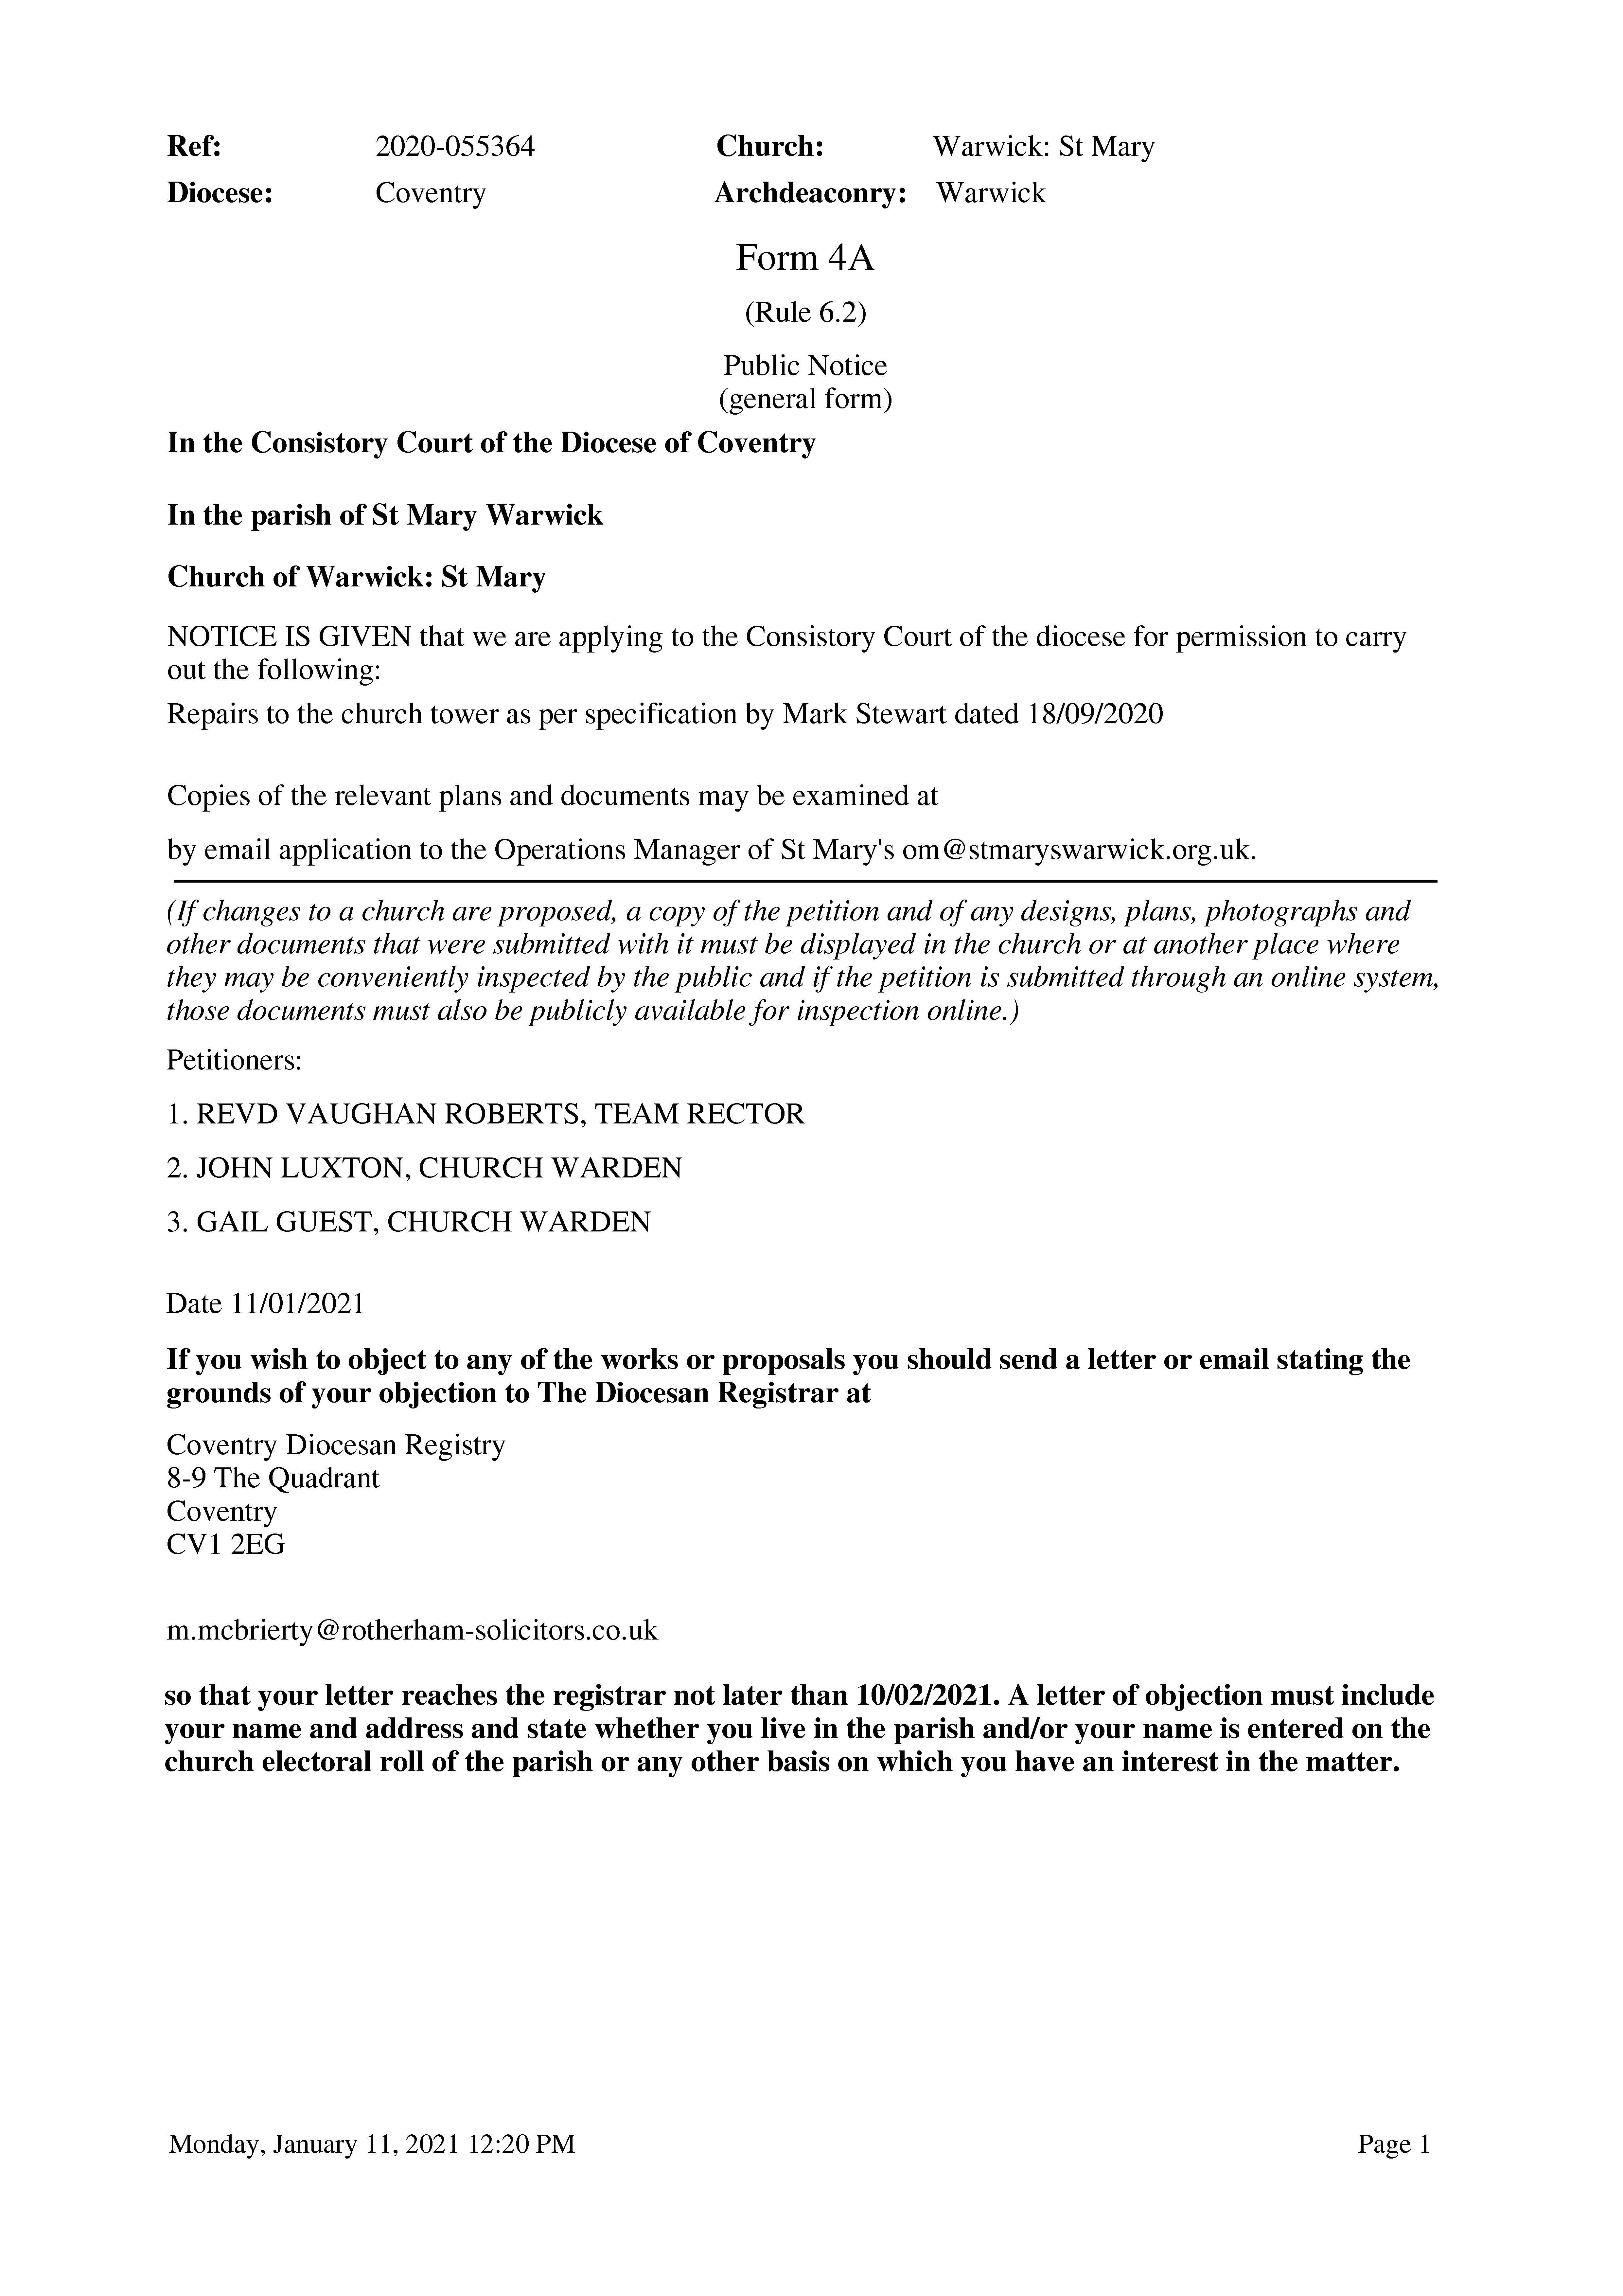 Tower faculty public notice